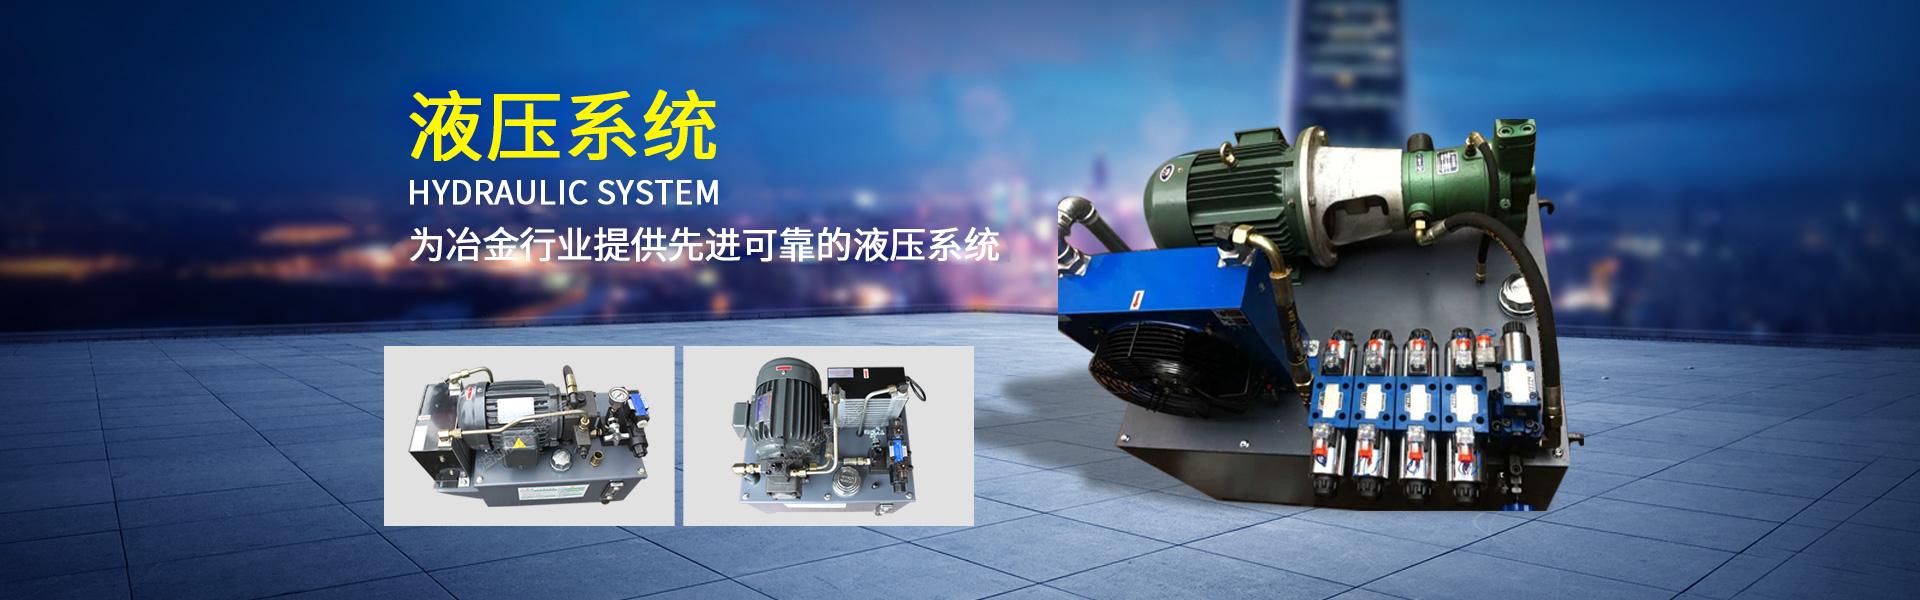 台州液压系统